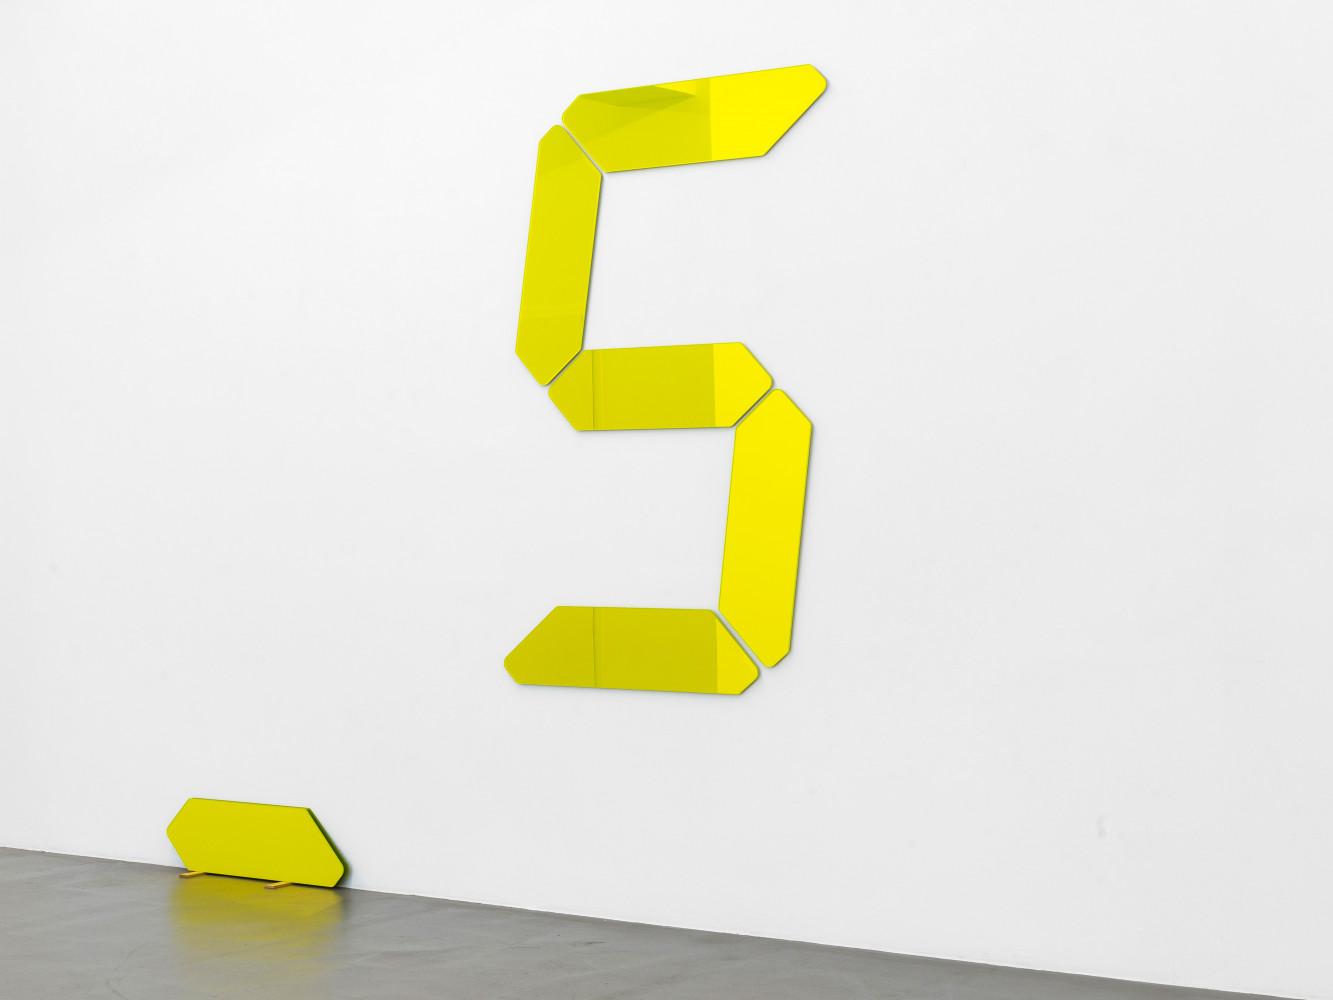 Tatsuo Miyajima, 'Counter Object - 000', 2020